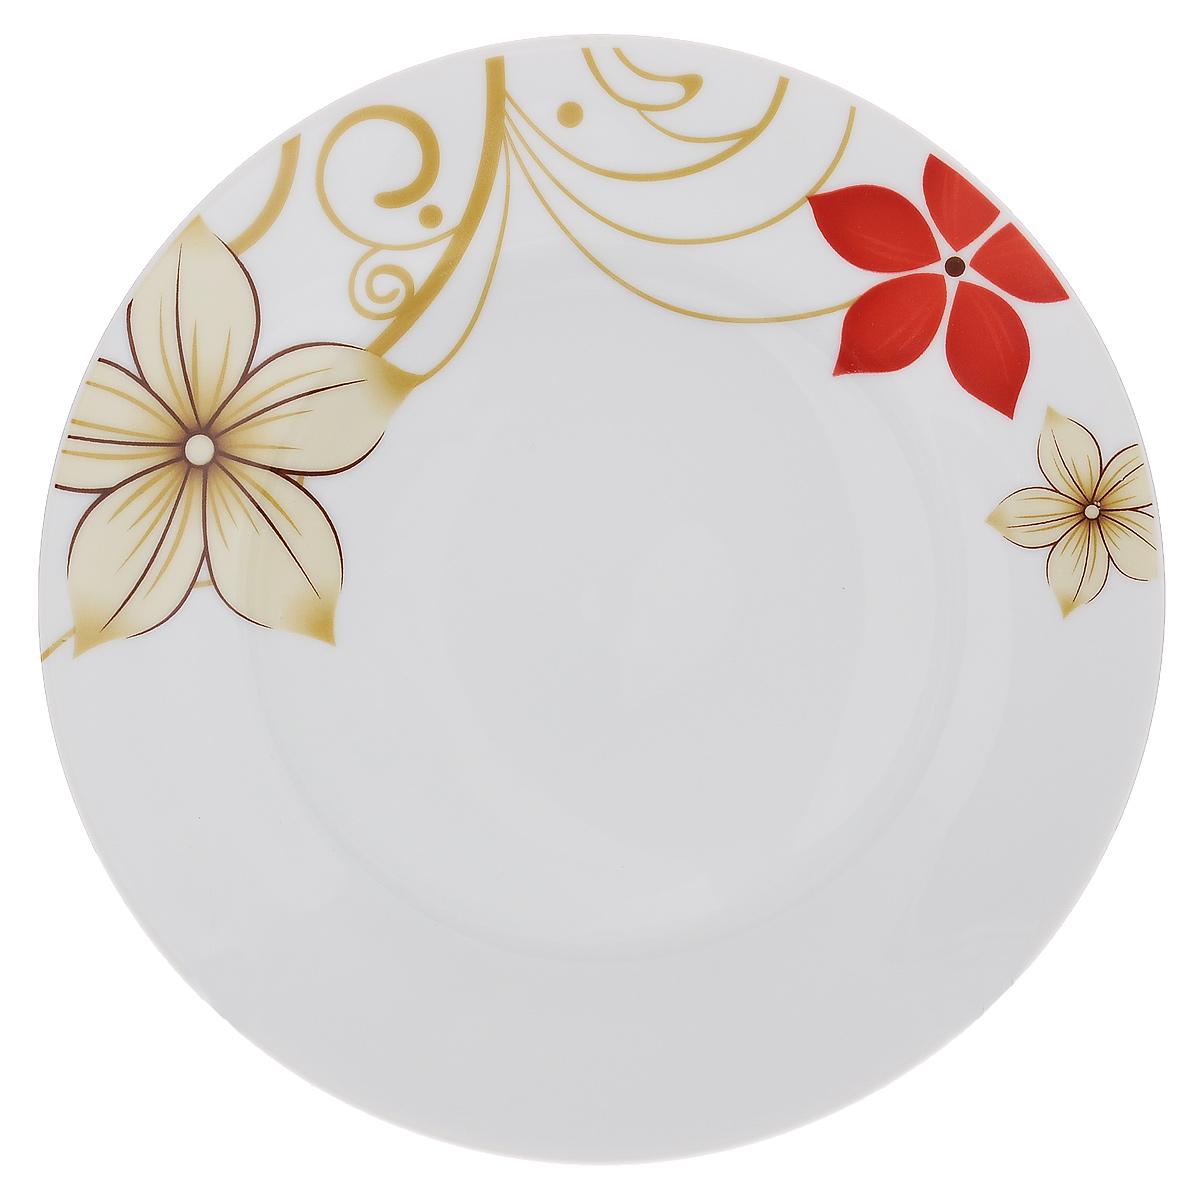 Тарелка для горячего Магнолия, диаметр 23 см54 009312Тарелка Магнолия изготовлена из высококачественного фаянса, покрытого слоем сверкающей глазури. Предназначена для подачи вторых блюд. Изделие декорировано красочным цветочным рисунком. Такая тарелка украсит сервировку стола и подчеркнет прекрасный вкус хозяйки.Можно мыть в посудомоечной машине и использовать в СВЧ. Диаметр тарелки: 23 см.